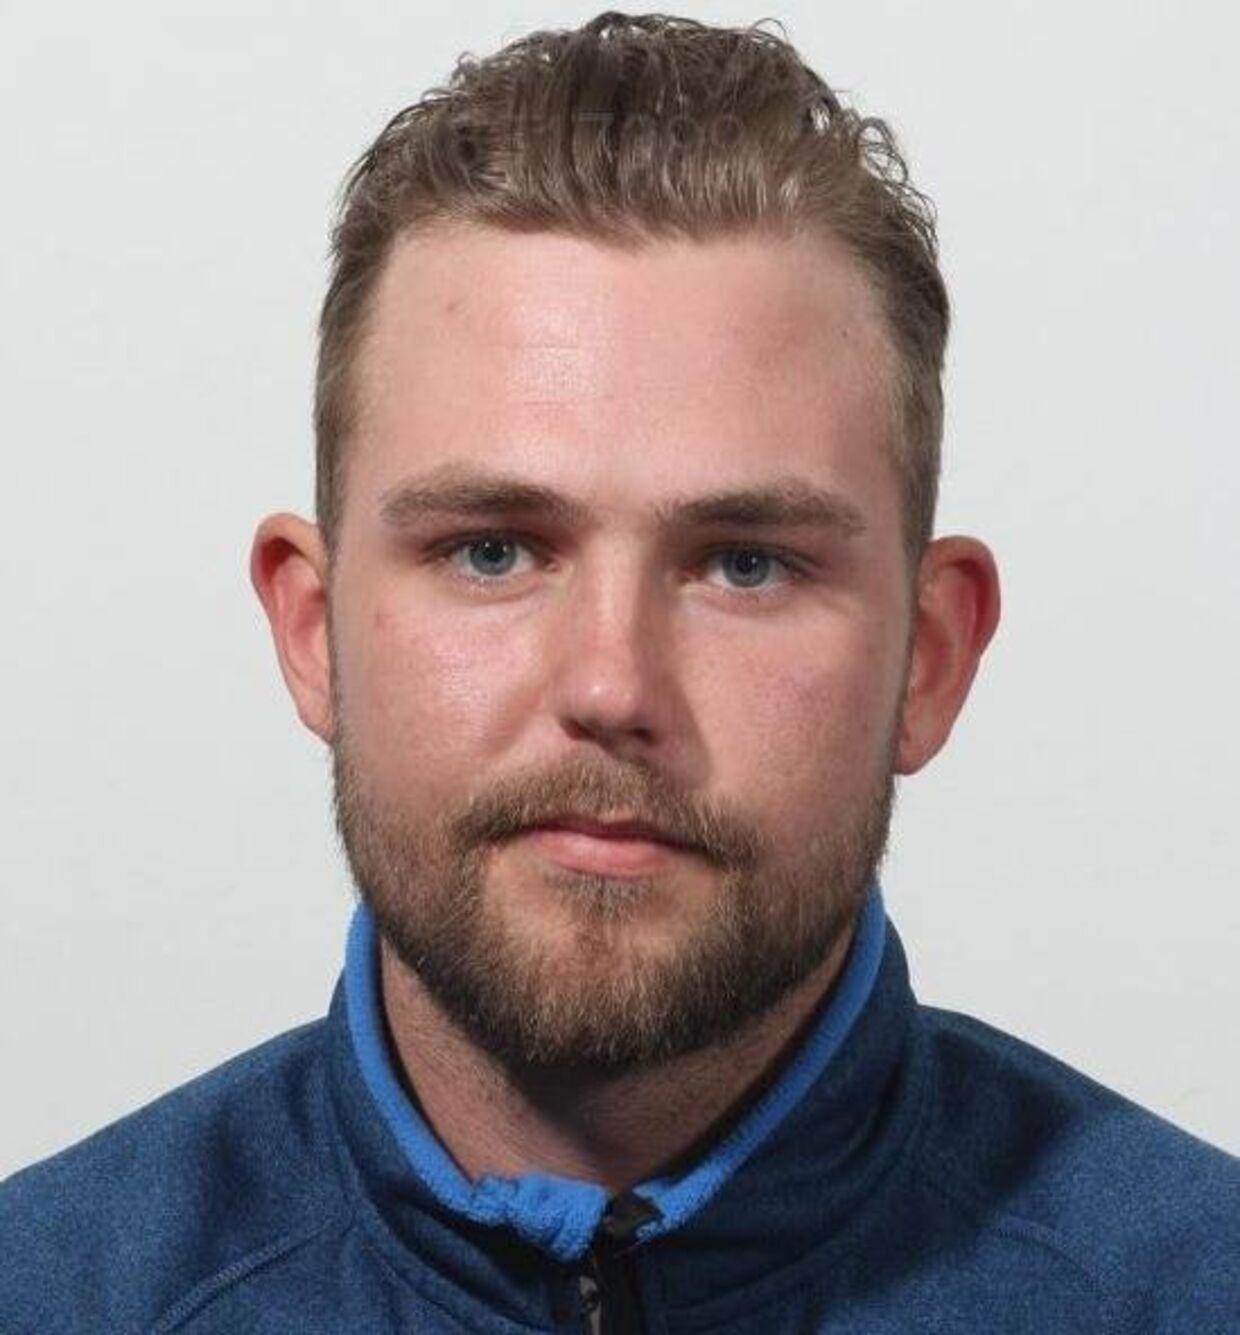 23-årige Lukas Jamie Høstmark er mistænkt for at stå bag et knivoverfald på en 34-årig mand i Taastrup onsdag.